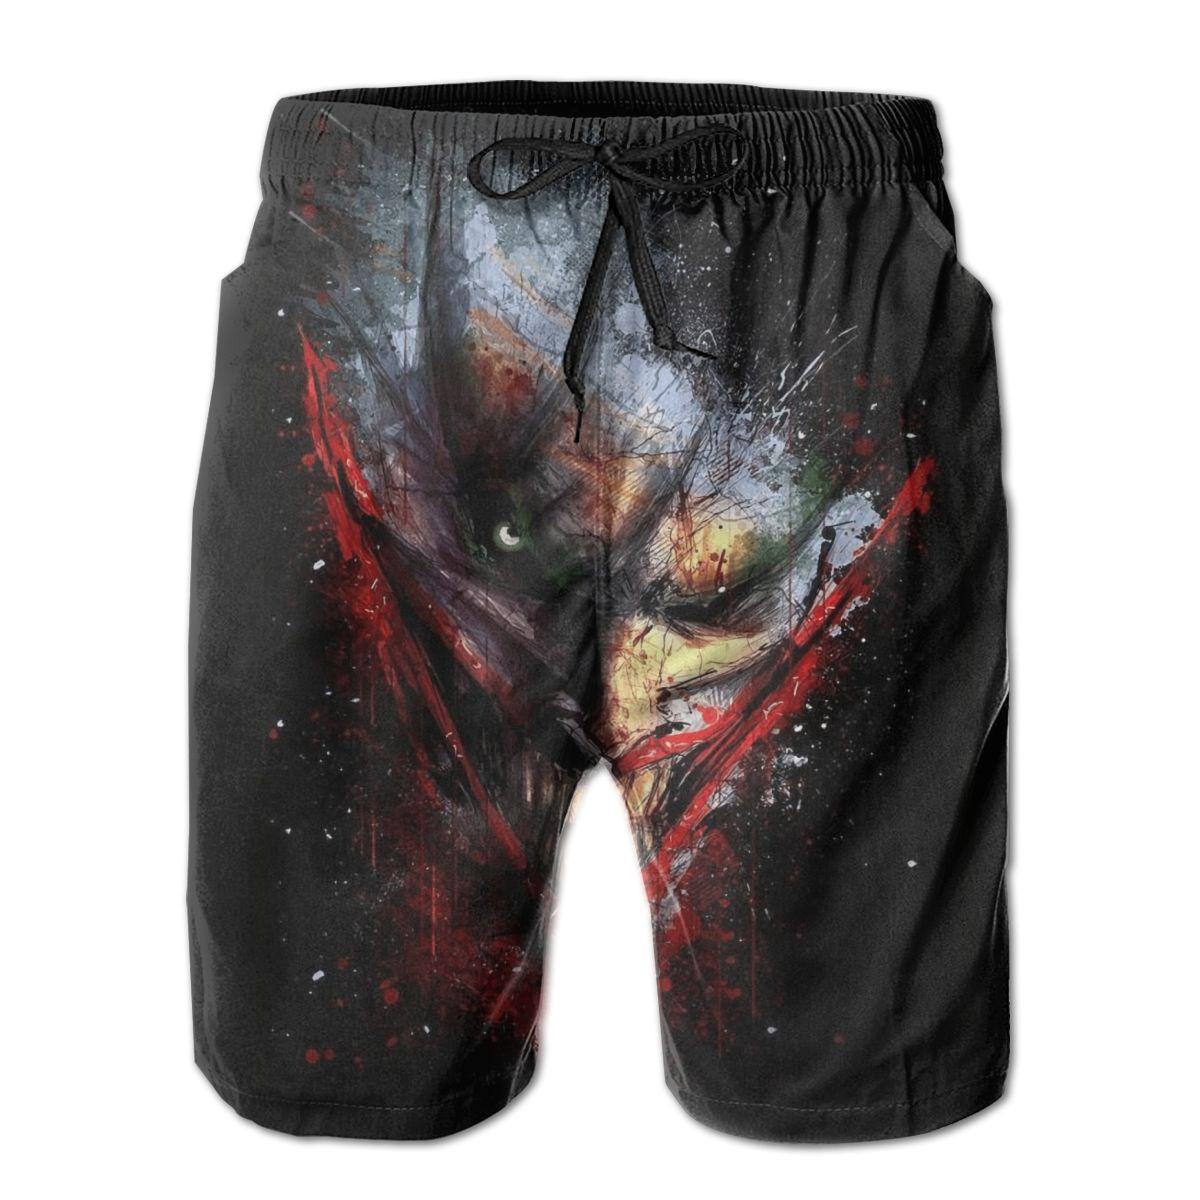 Повседневные дышащие быстросохнущие Смешные новинки R361 беговые Джокер обои Гавайские брюки